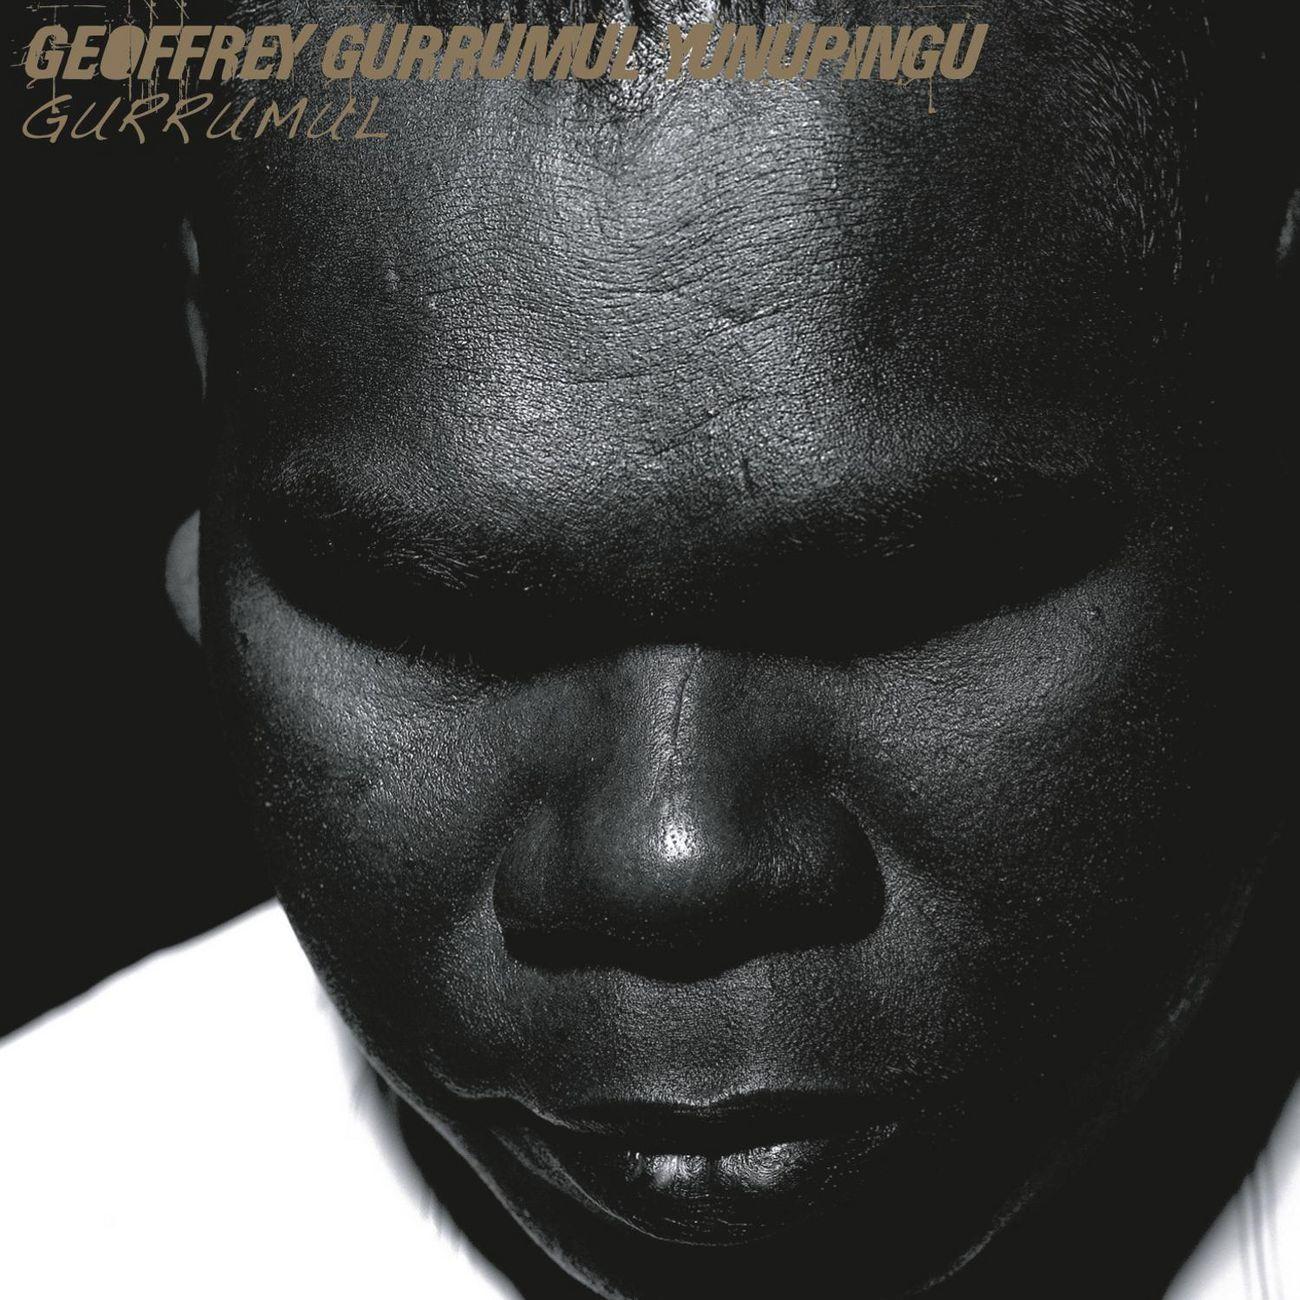 Geoffrey Gurrumul Yunupingu - Gurrumul album cover